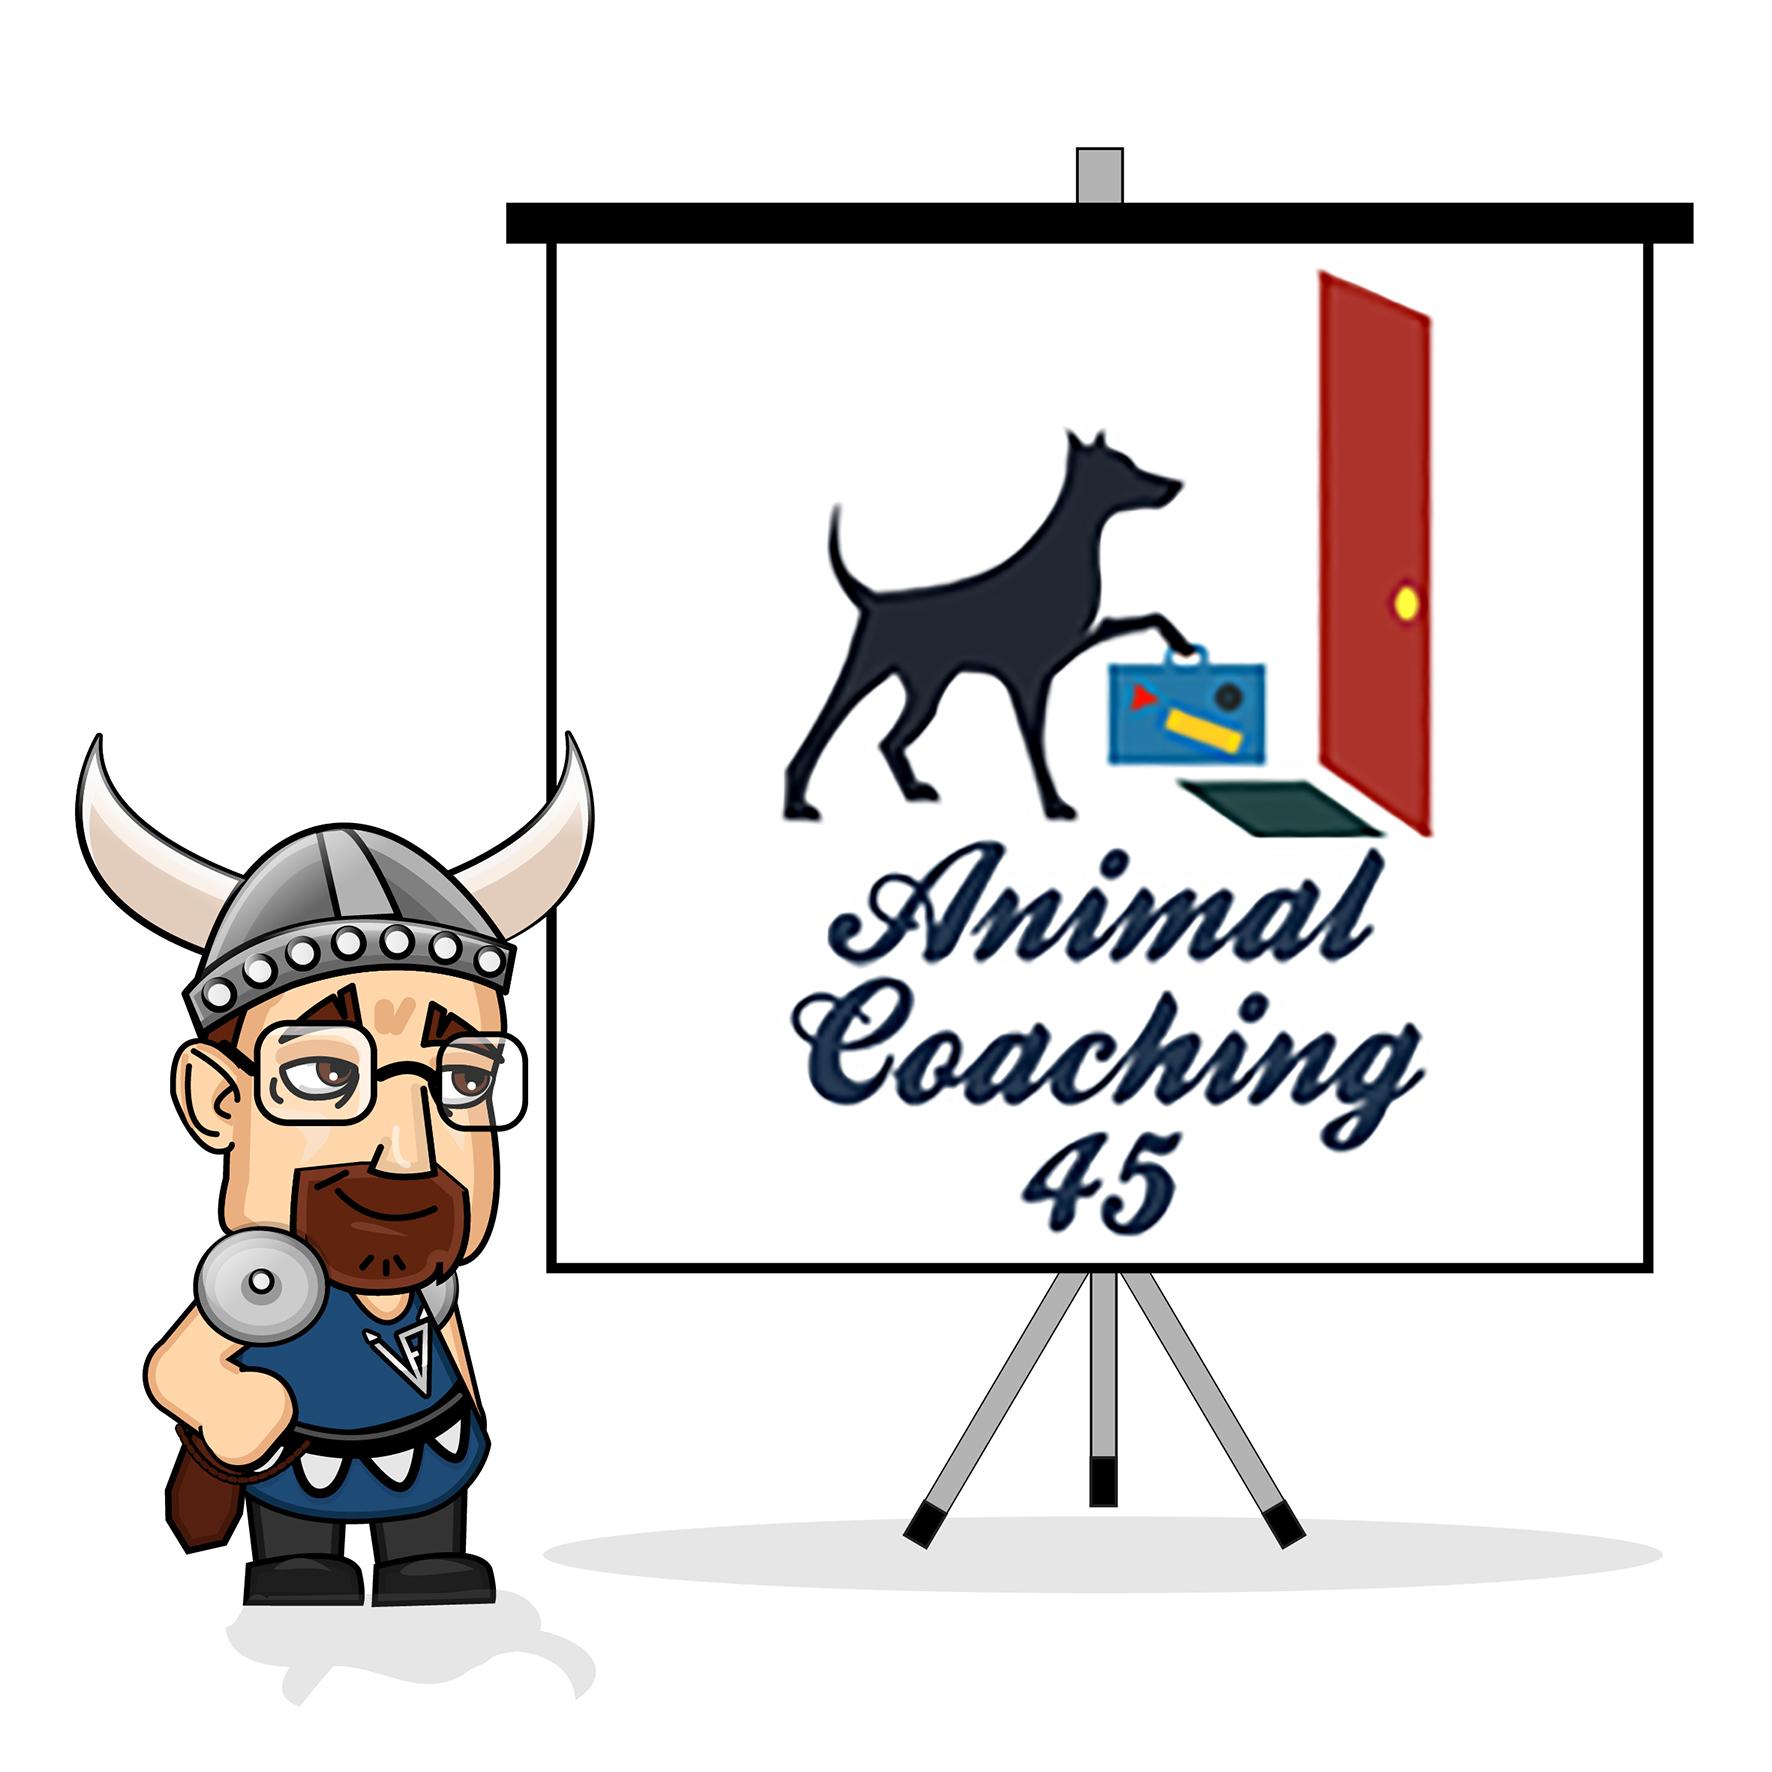 Le viking accompagne Animal Coaching 45